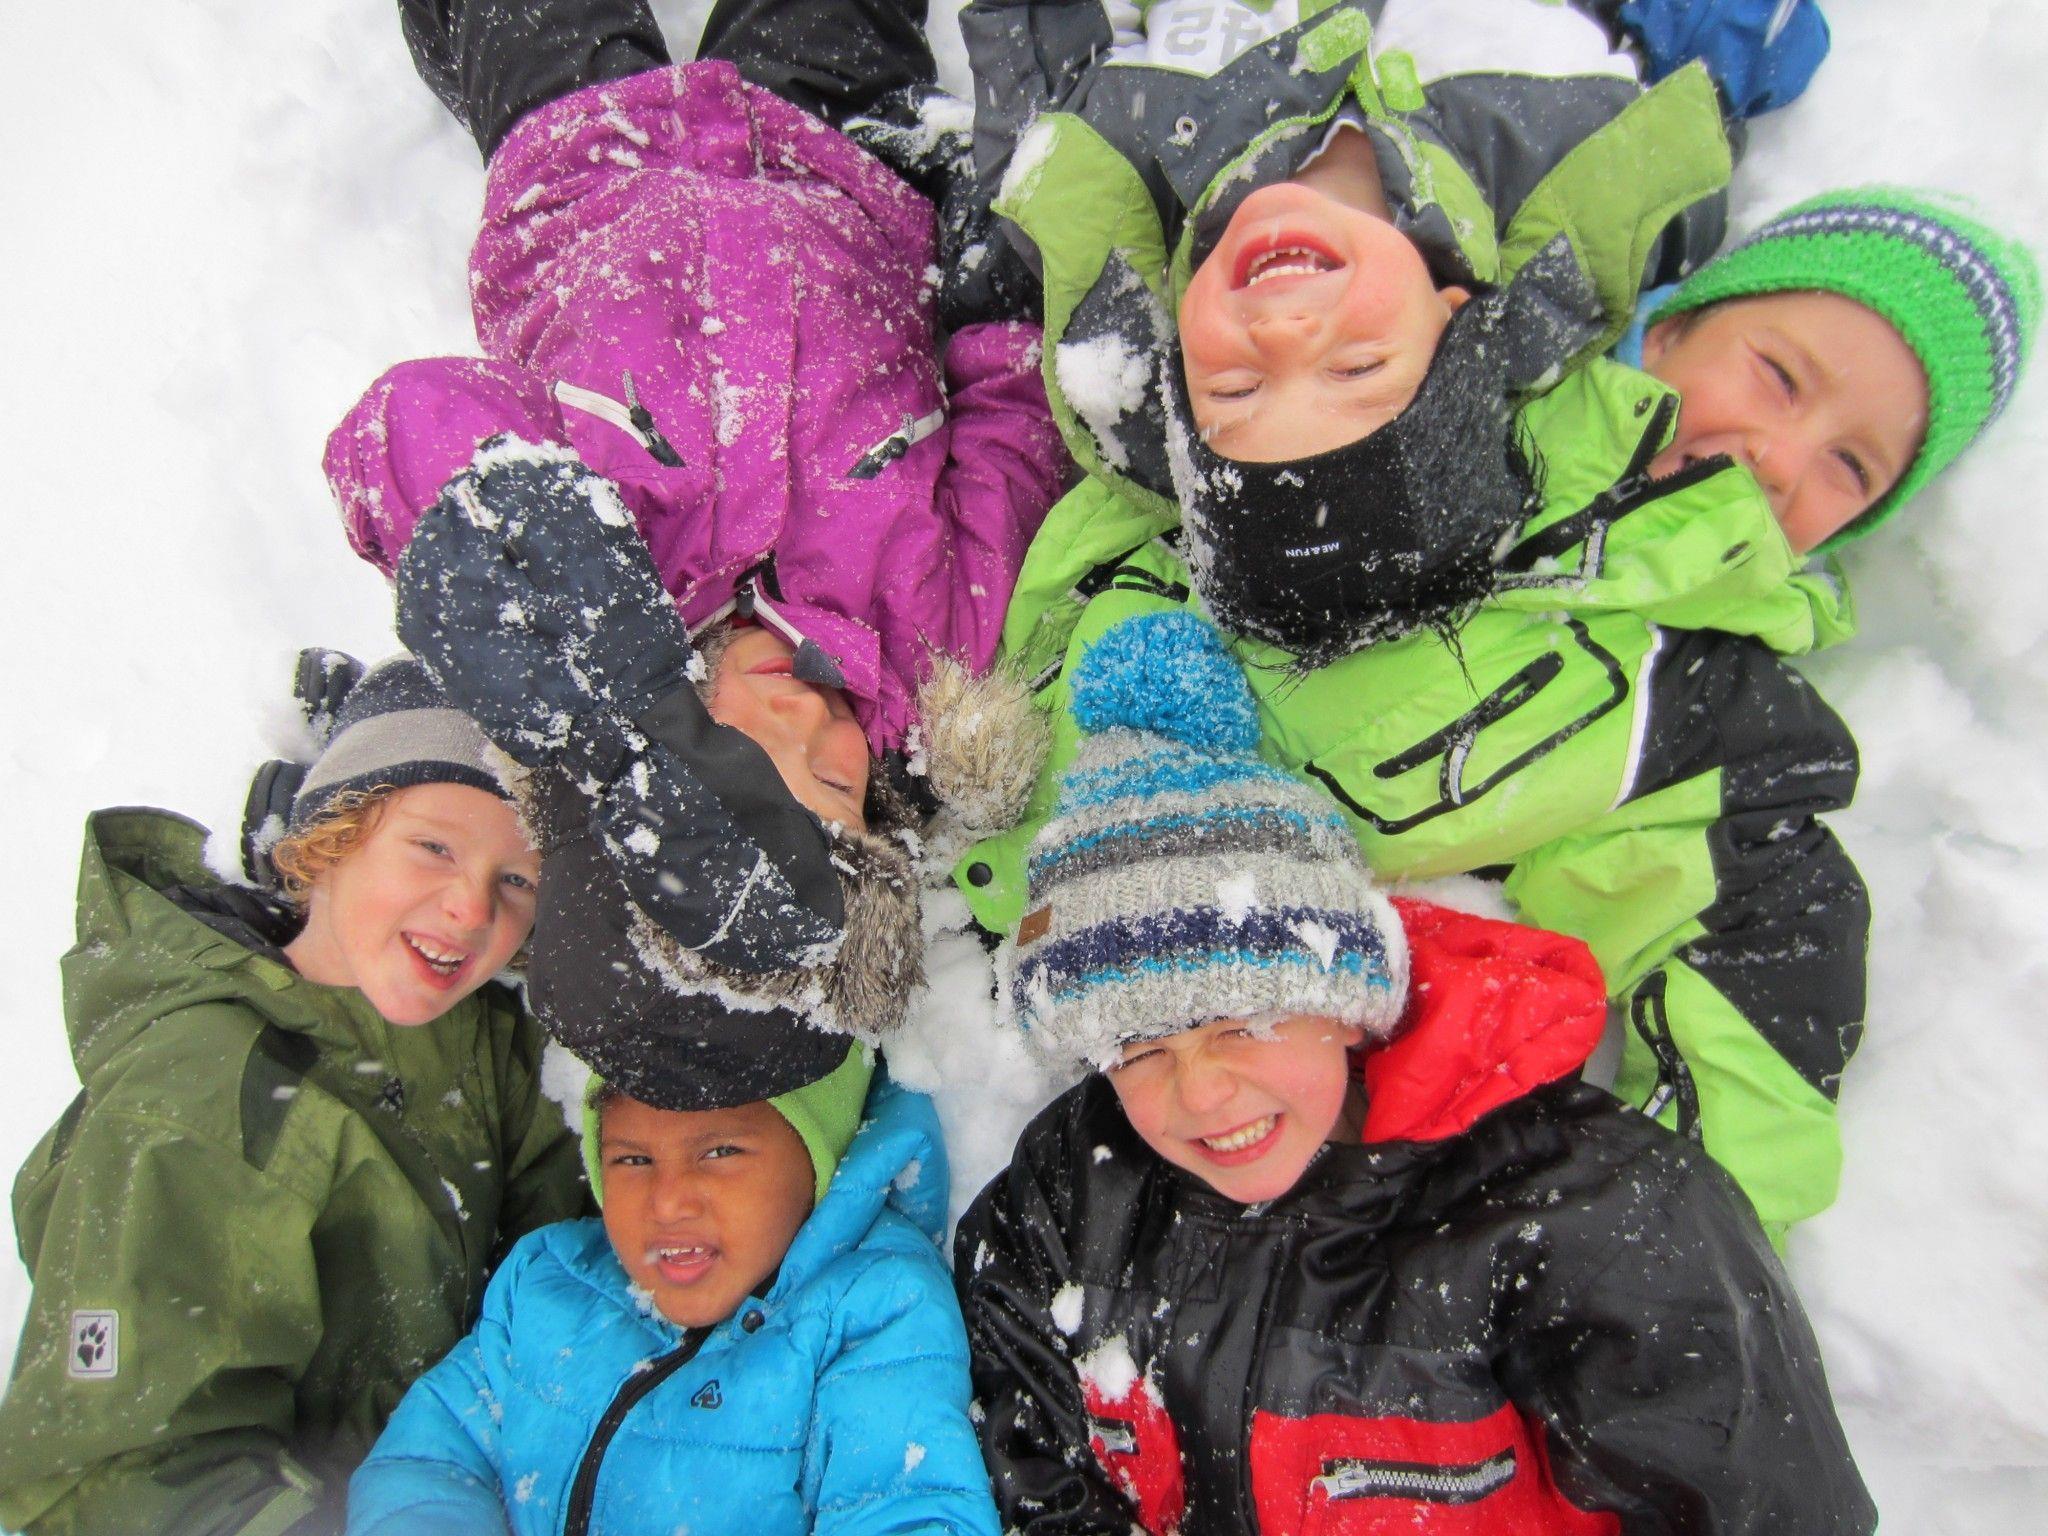 Riesige Freude beim Spielen und Toben im Schnee